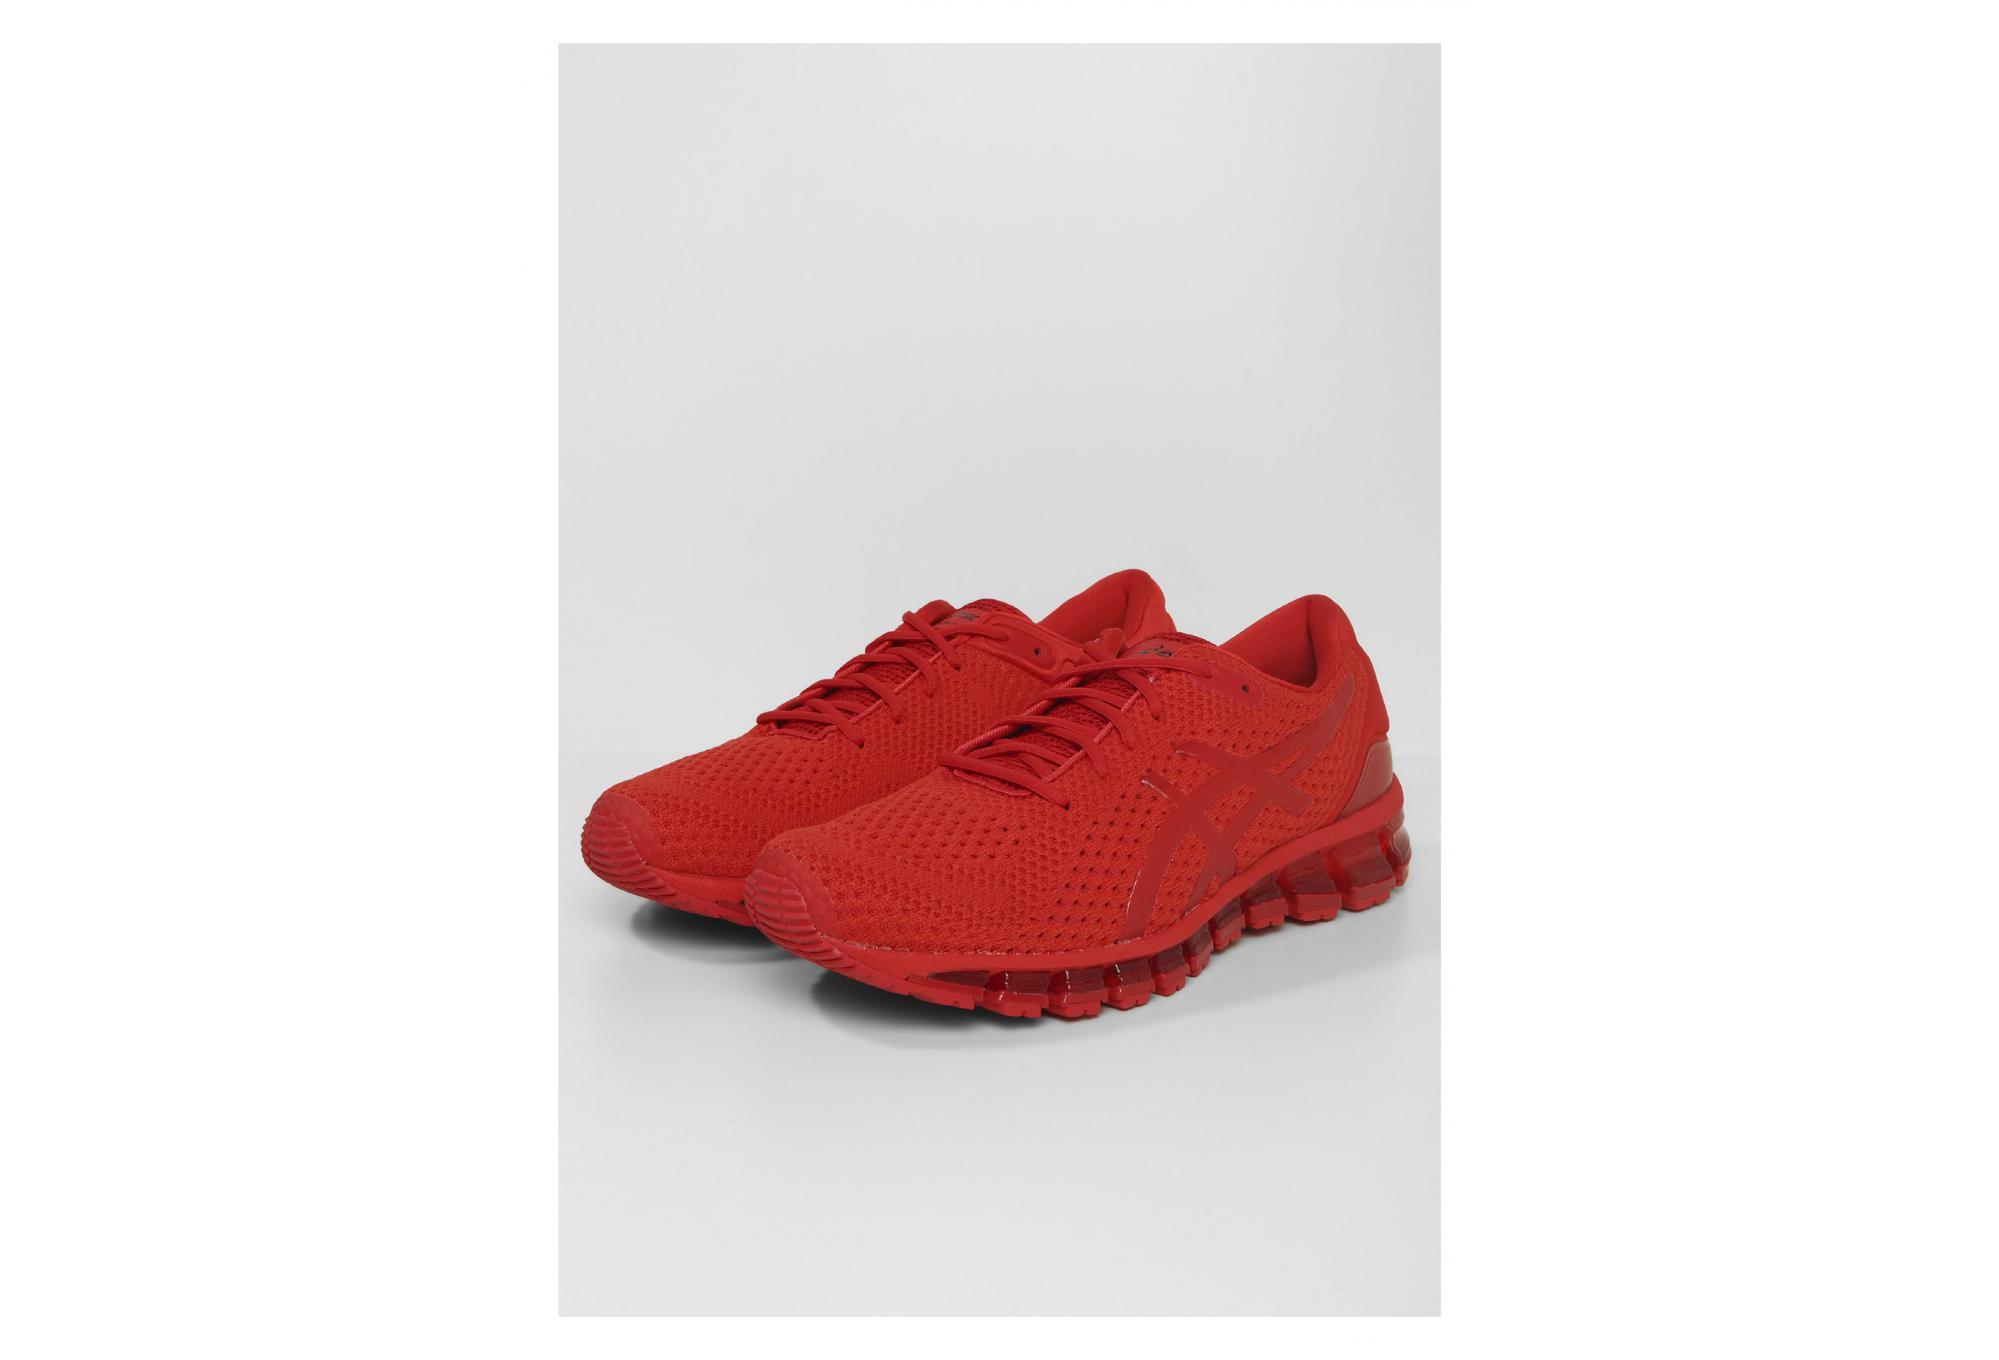 quality design 12e94 5116e Asics Shoes Run Gel Quantum 360 Knit 2 Red Men